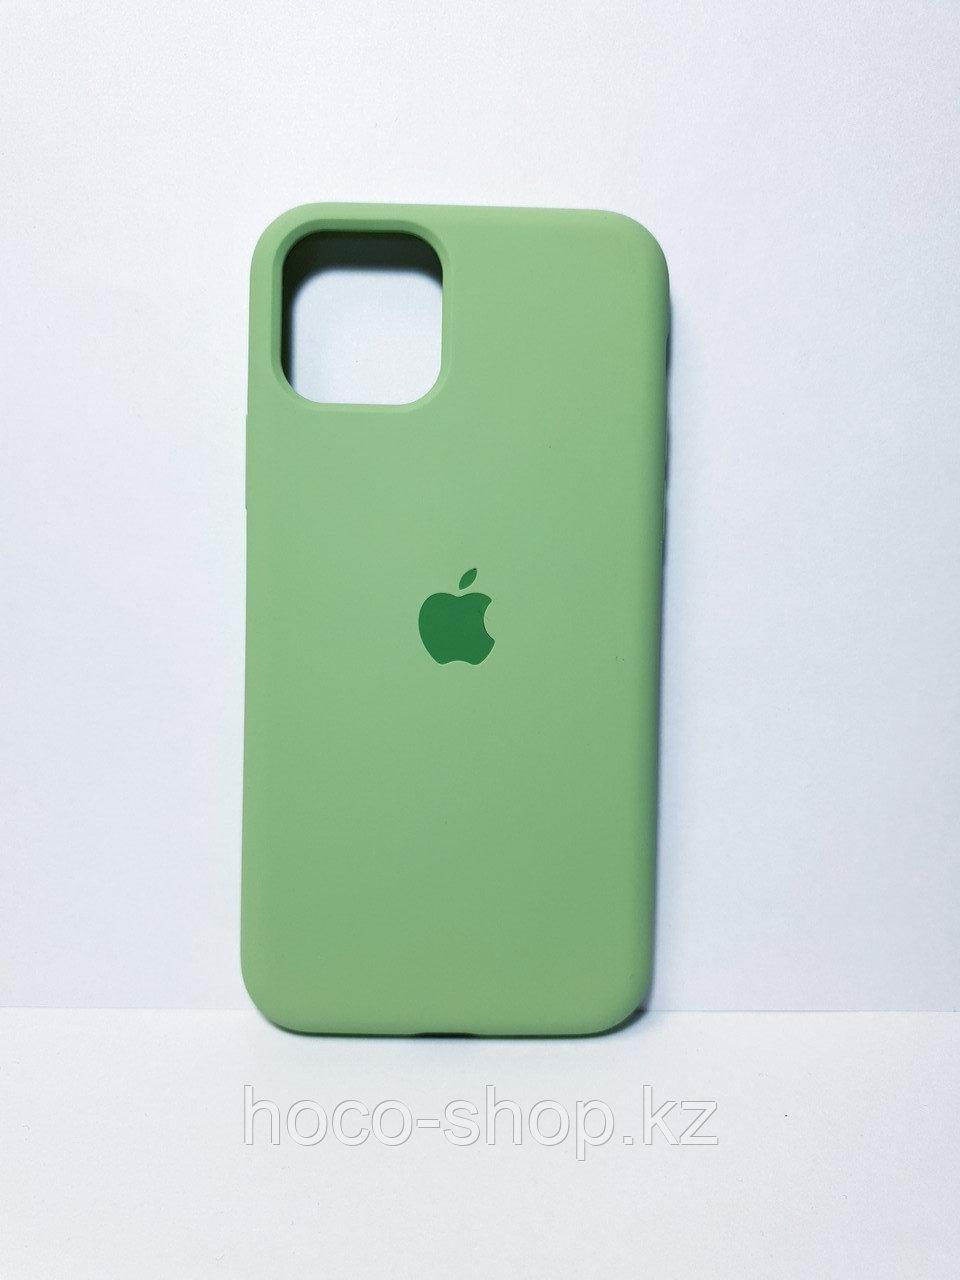 Защитный чехол для iPhone 11 Pro Soft Touch силиконовый, зеленый